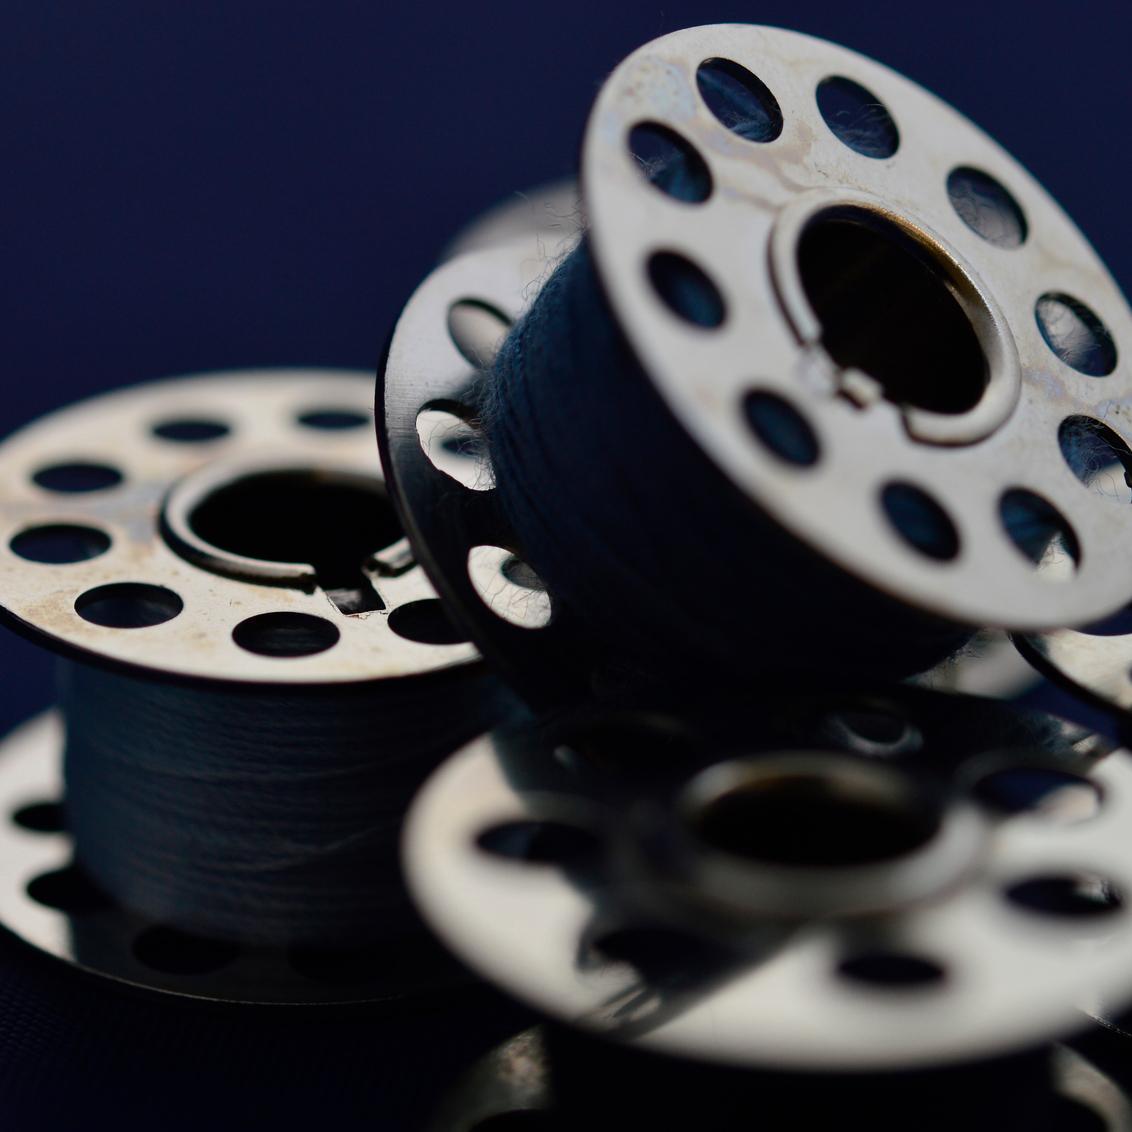 Naald en draad - compositie naaimachinespoeltjes - foto door Canard op 28-02-2016 - deze foto bevat: macro